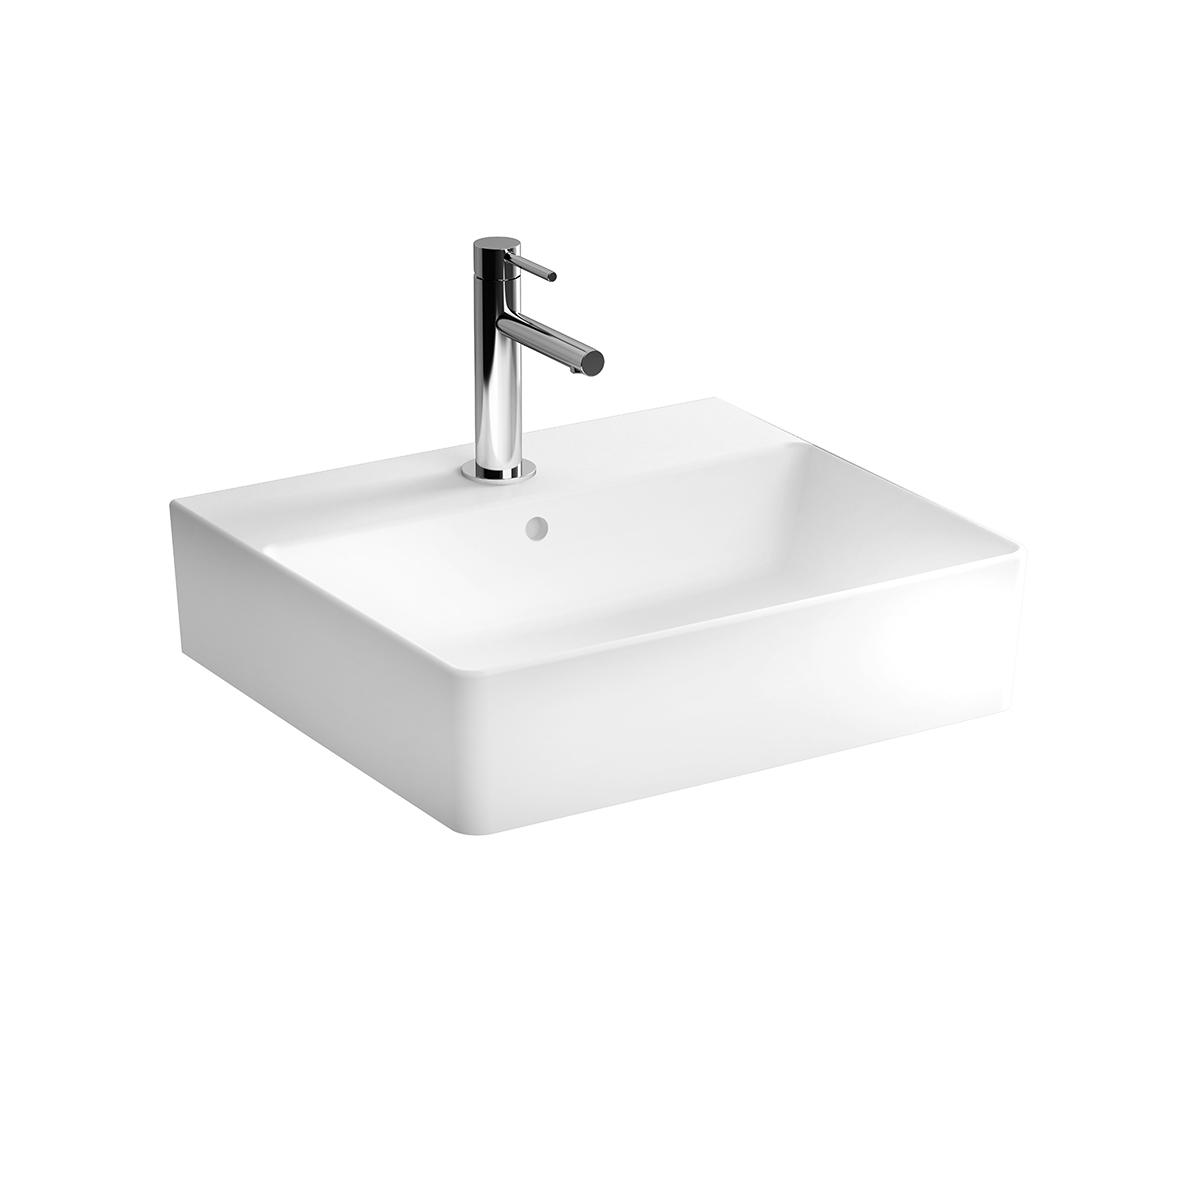 Nuo Waschtisch 50 cm, mit Hahnloch, mittig mit Überlaufloch, Weiß